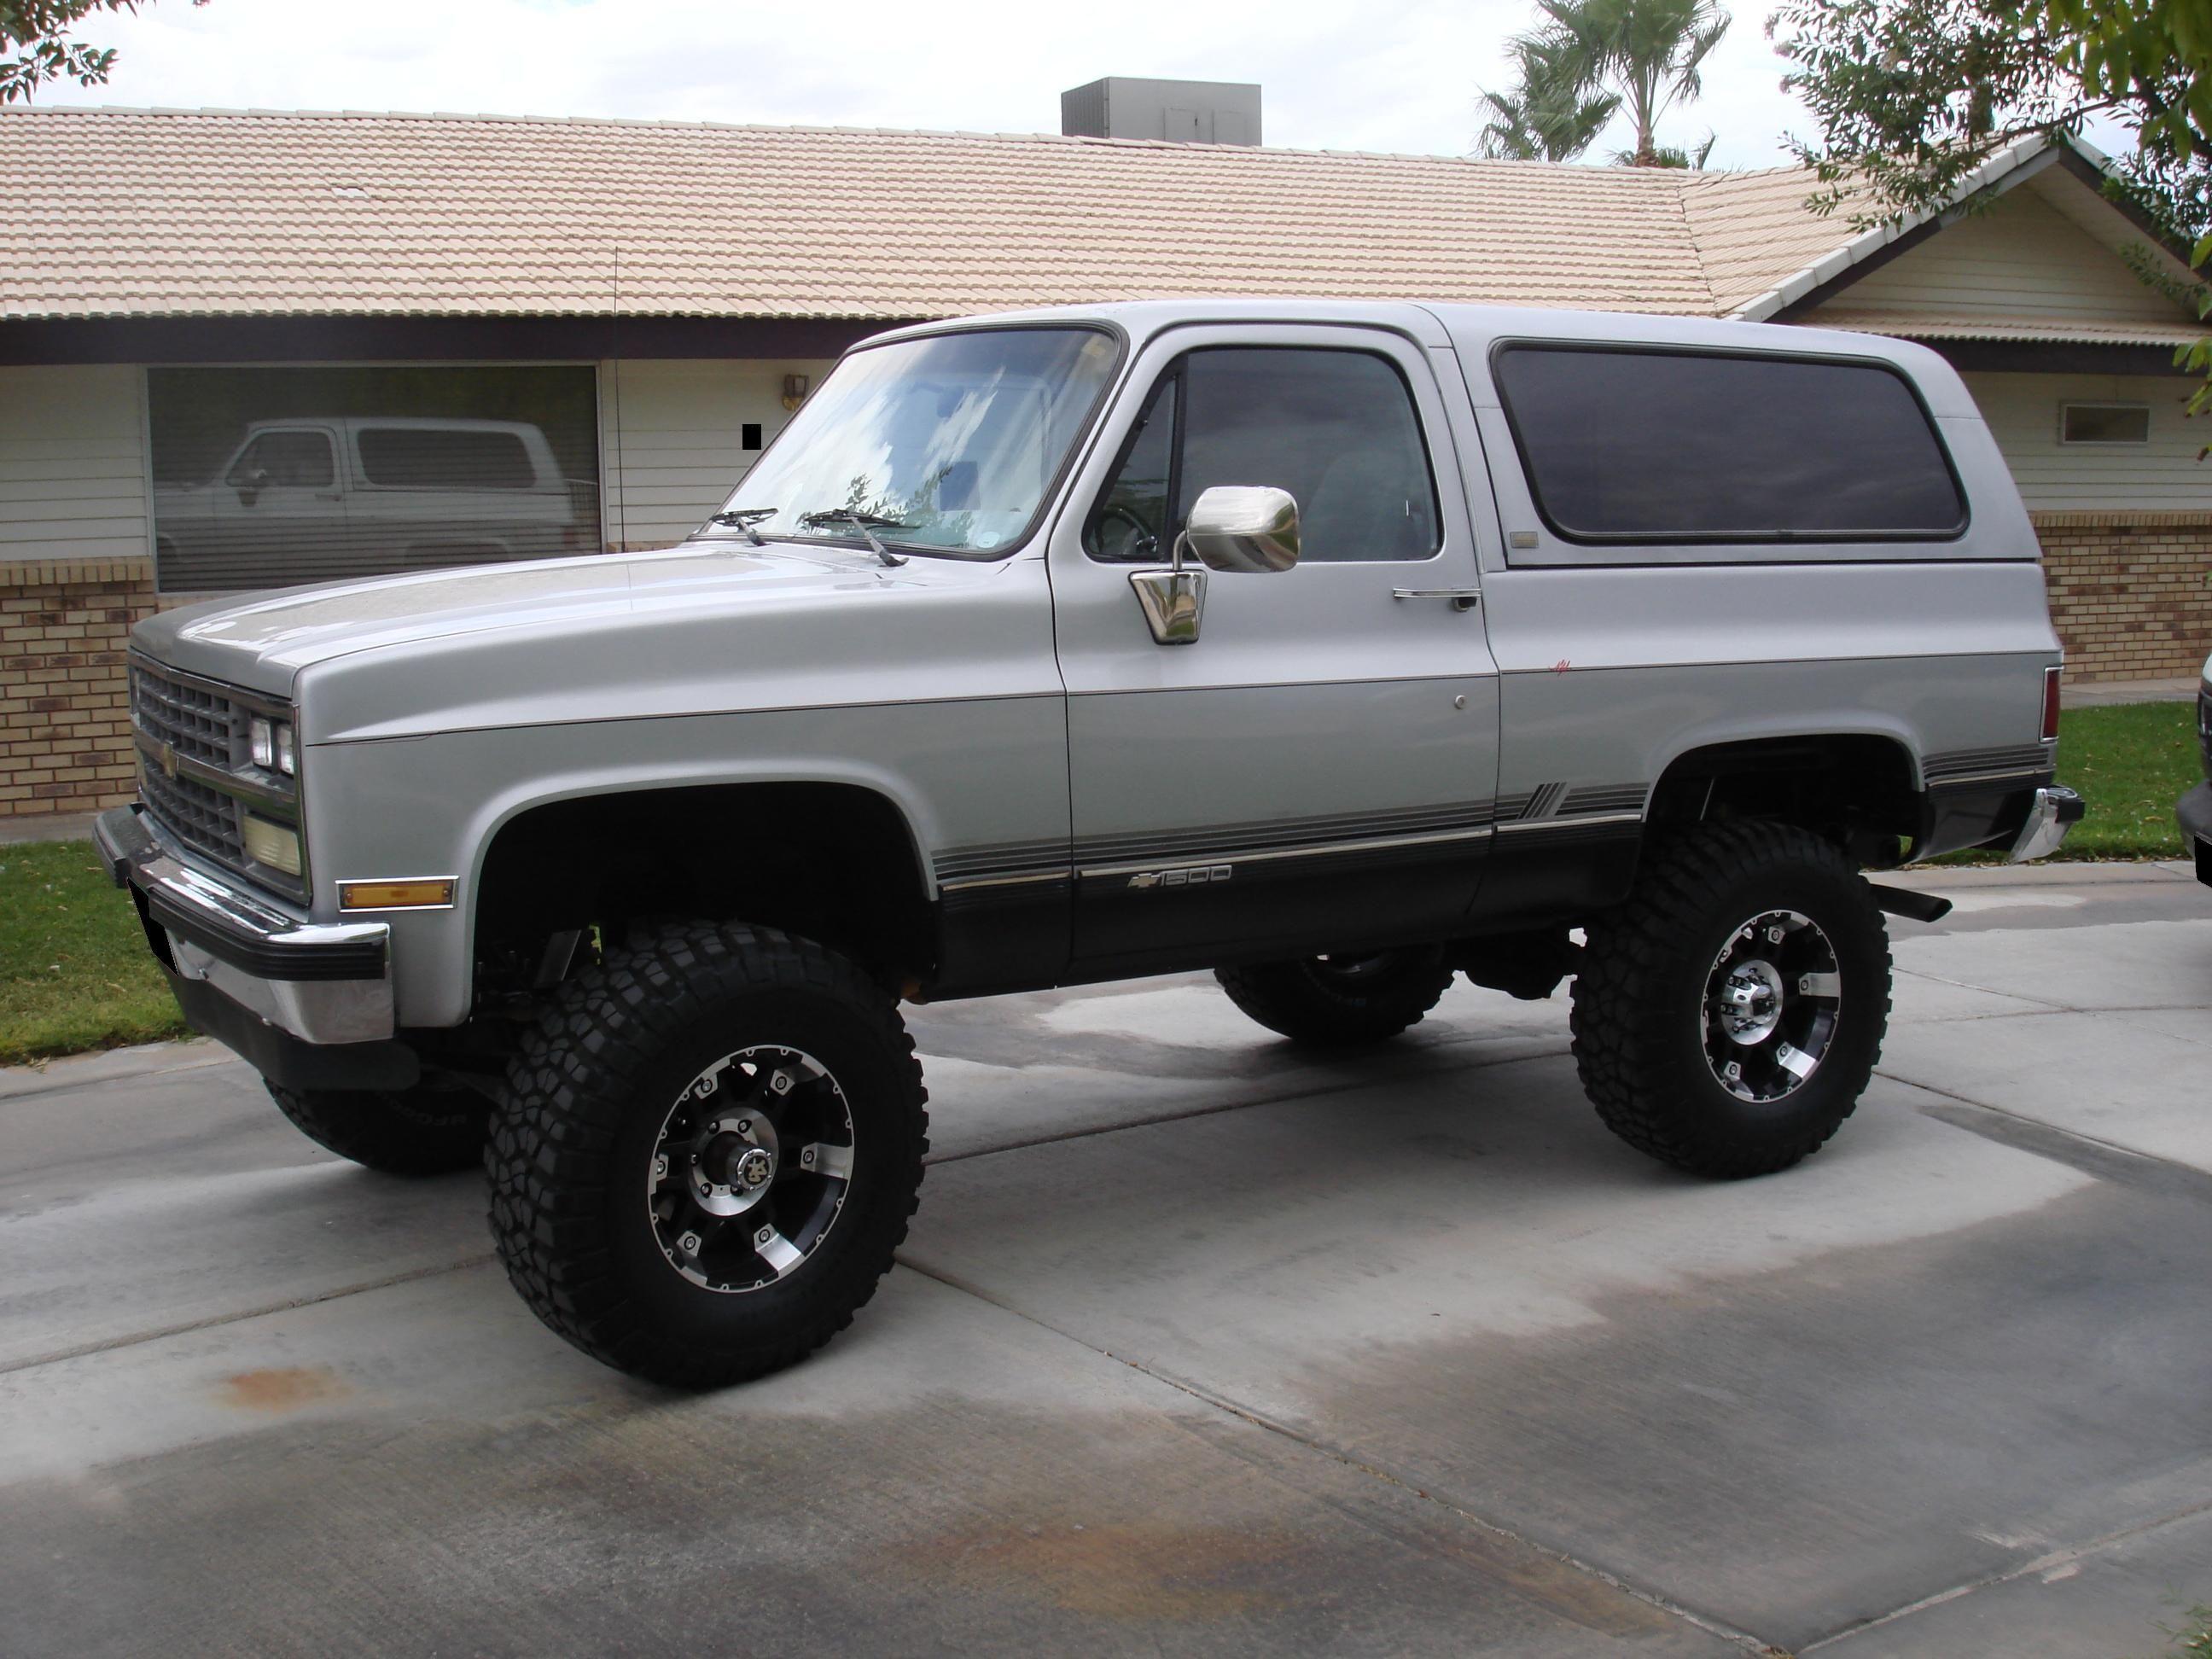 89 Chevy K5 Classic Chevy Trucks Chevrolet Blazer K5 Blazer